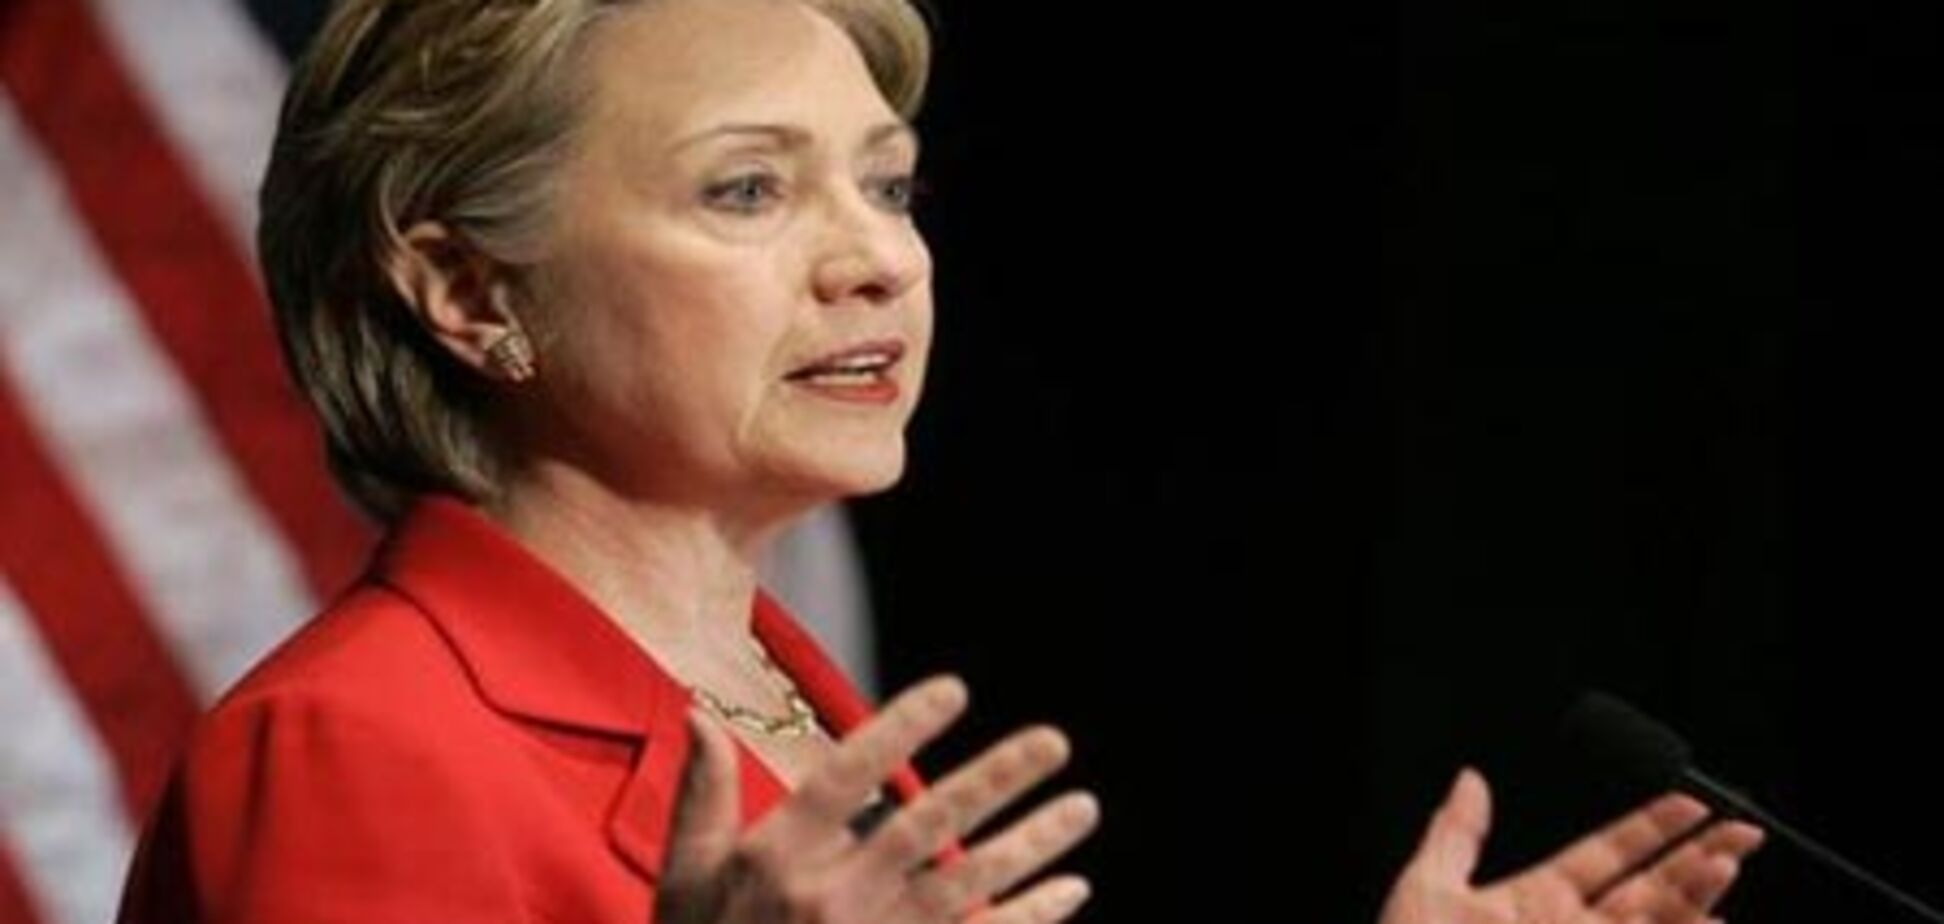 Клінтон відвідала вогнище тероризму і звалилася, входячи в літак